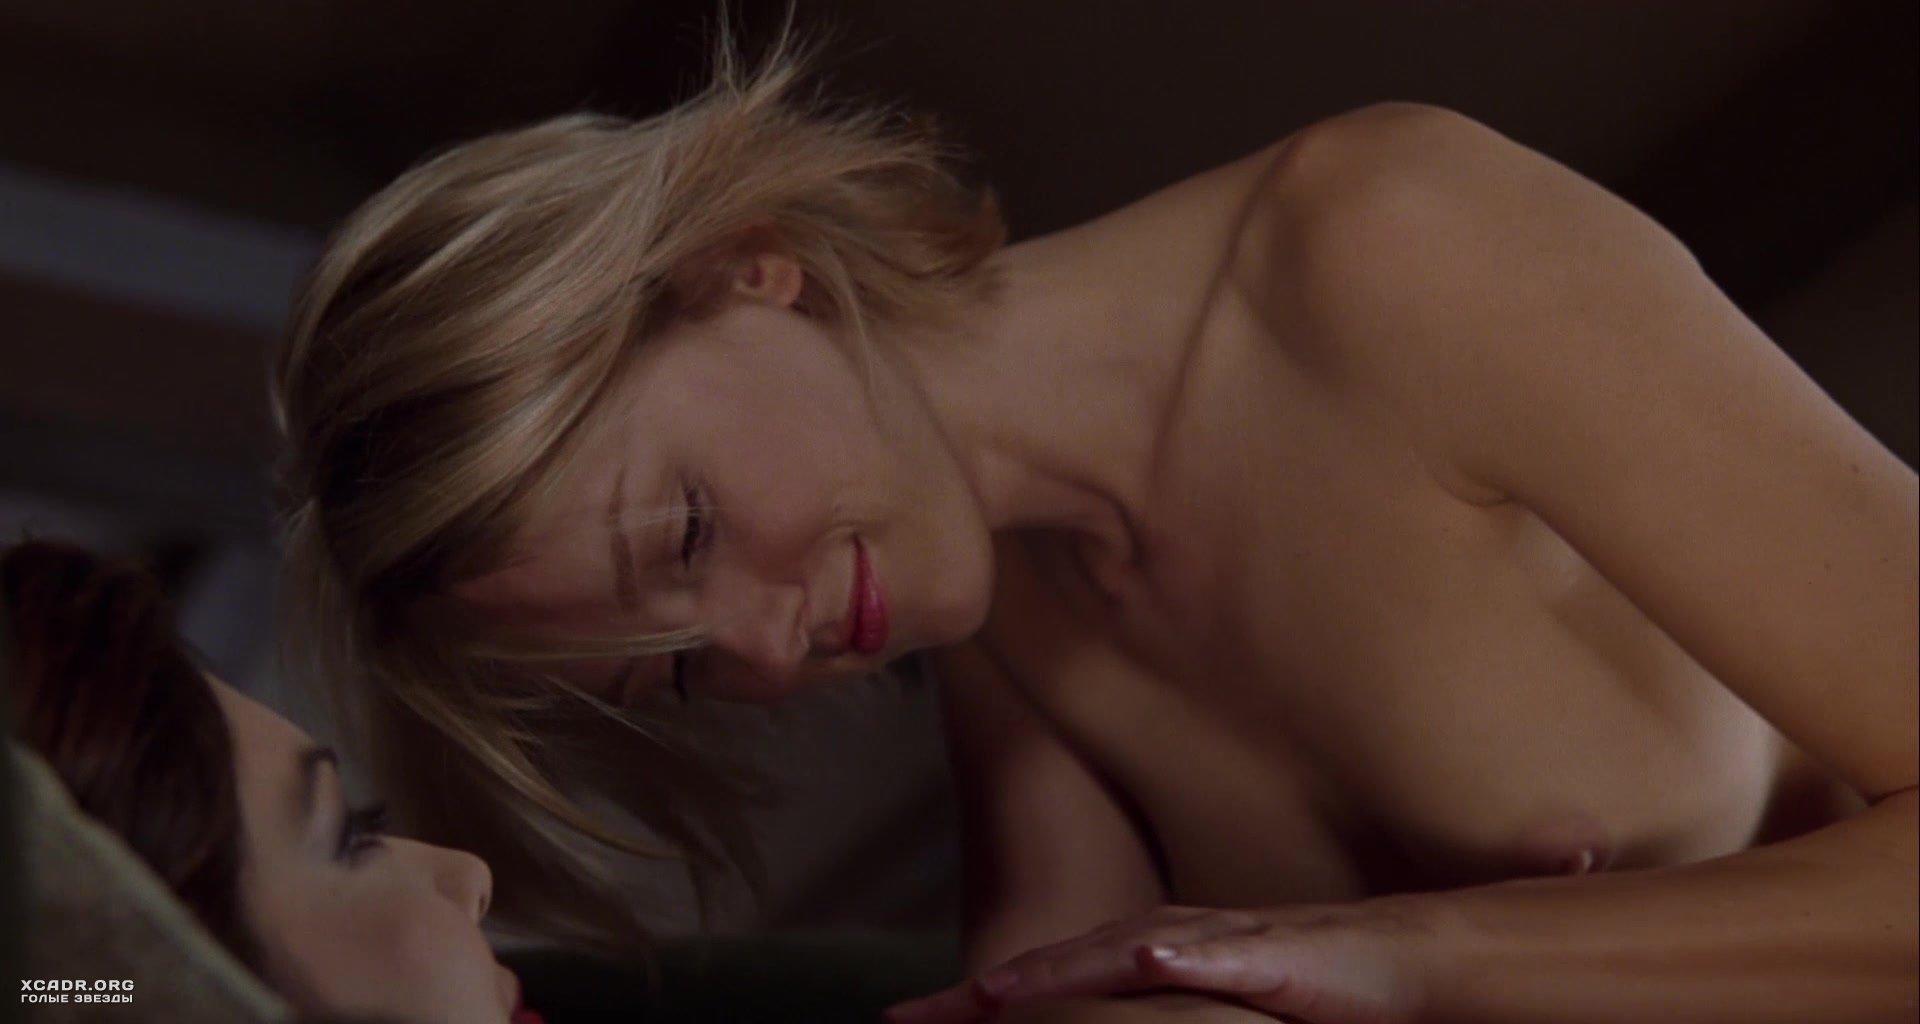 Разное порно - на нашем сайте только лучшие ролики